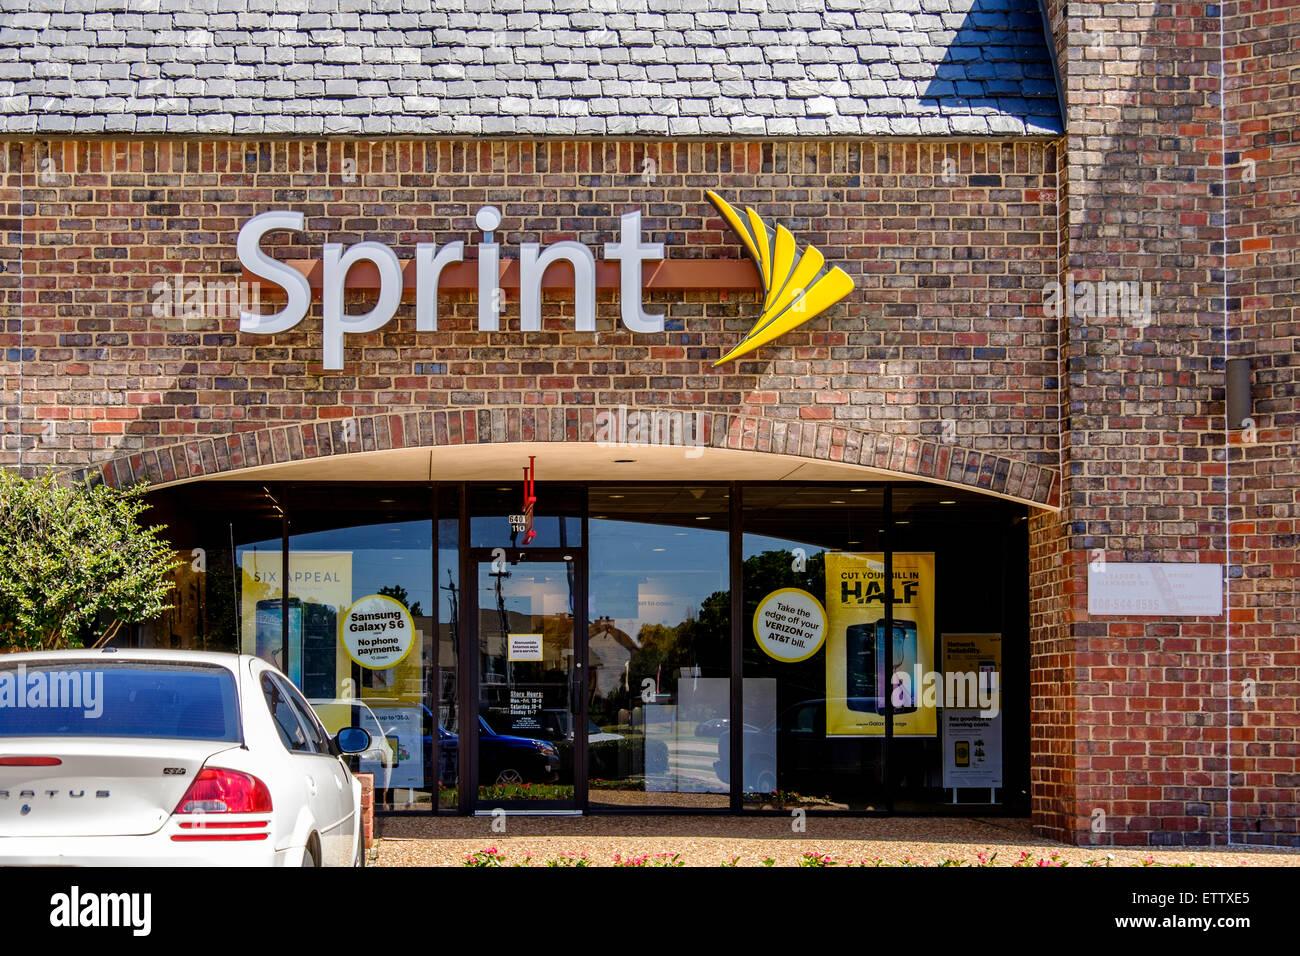 L'esterno di uno sprint telecommunication store. Foto Stock